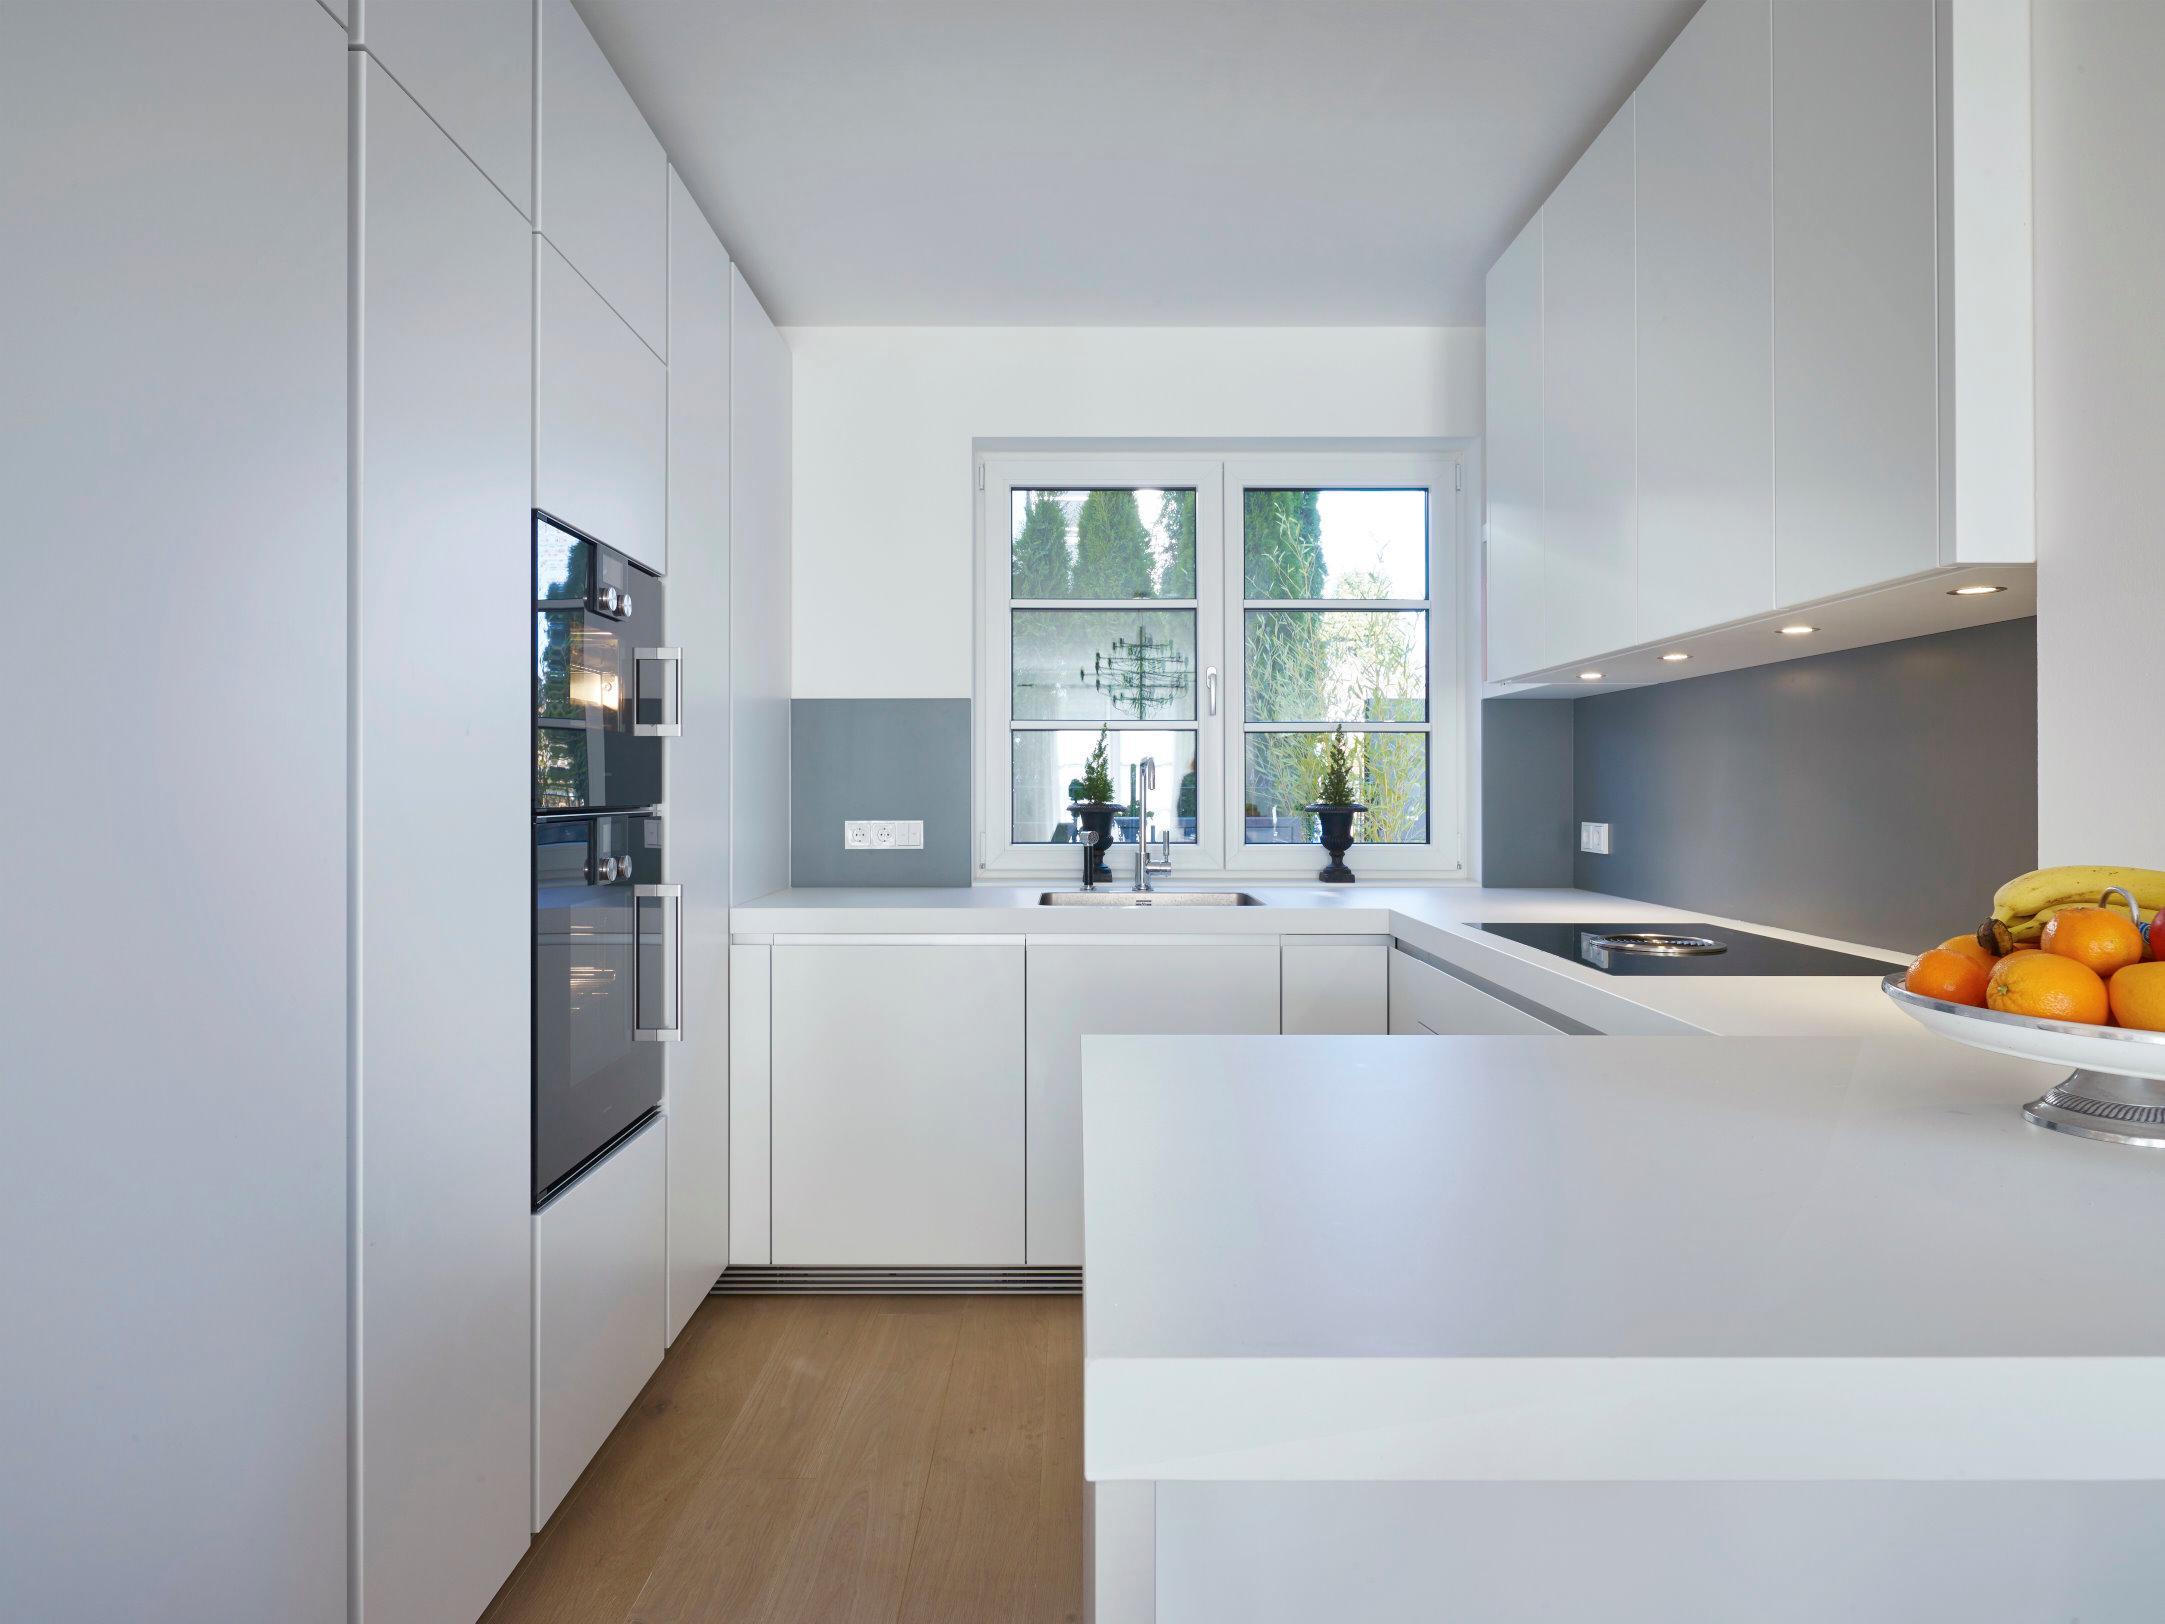 Erfreut Bulthaup Küchen Abverkauf Ideen Innenarchitektur